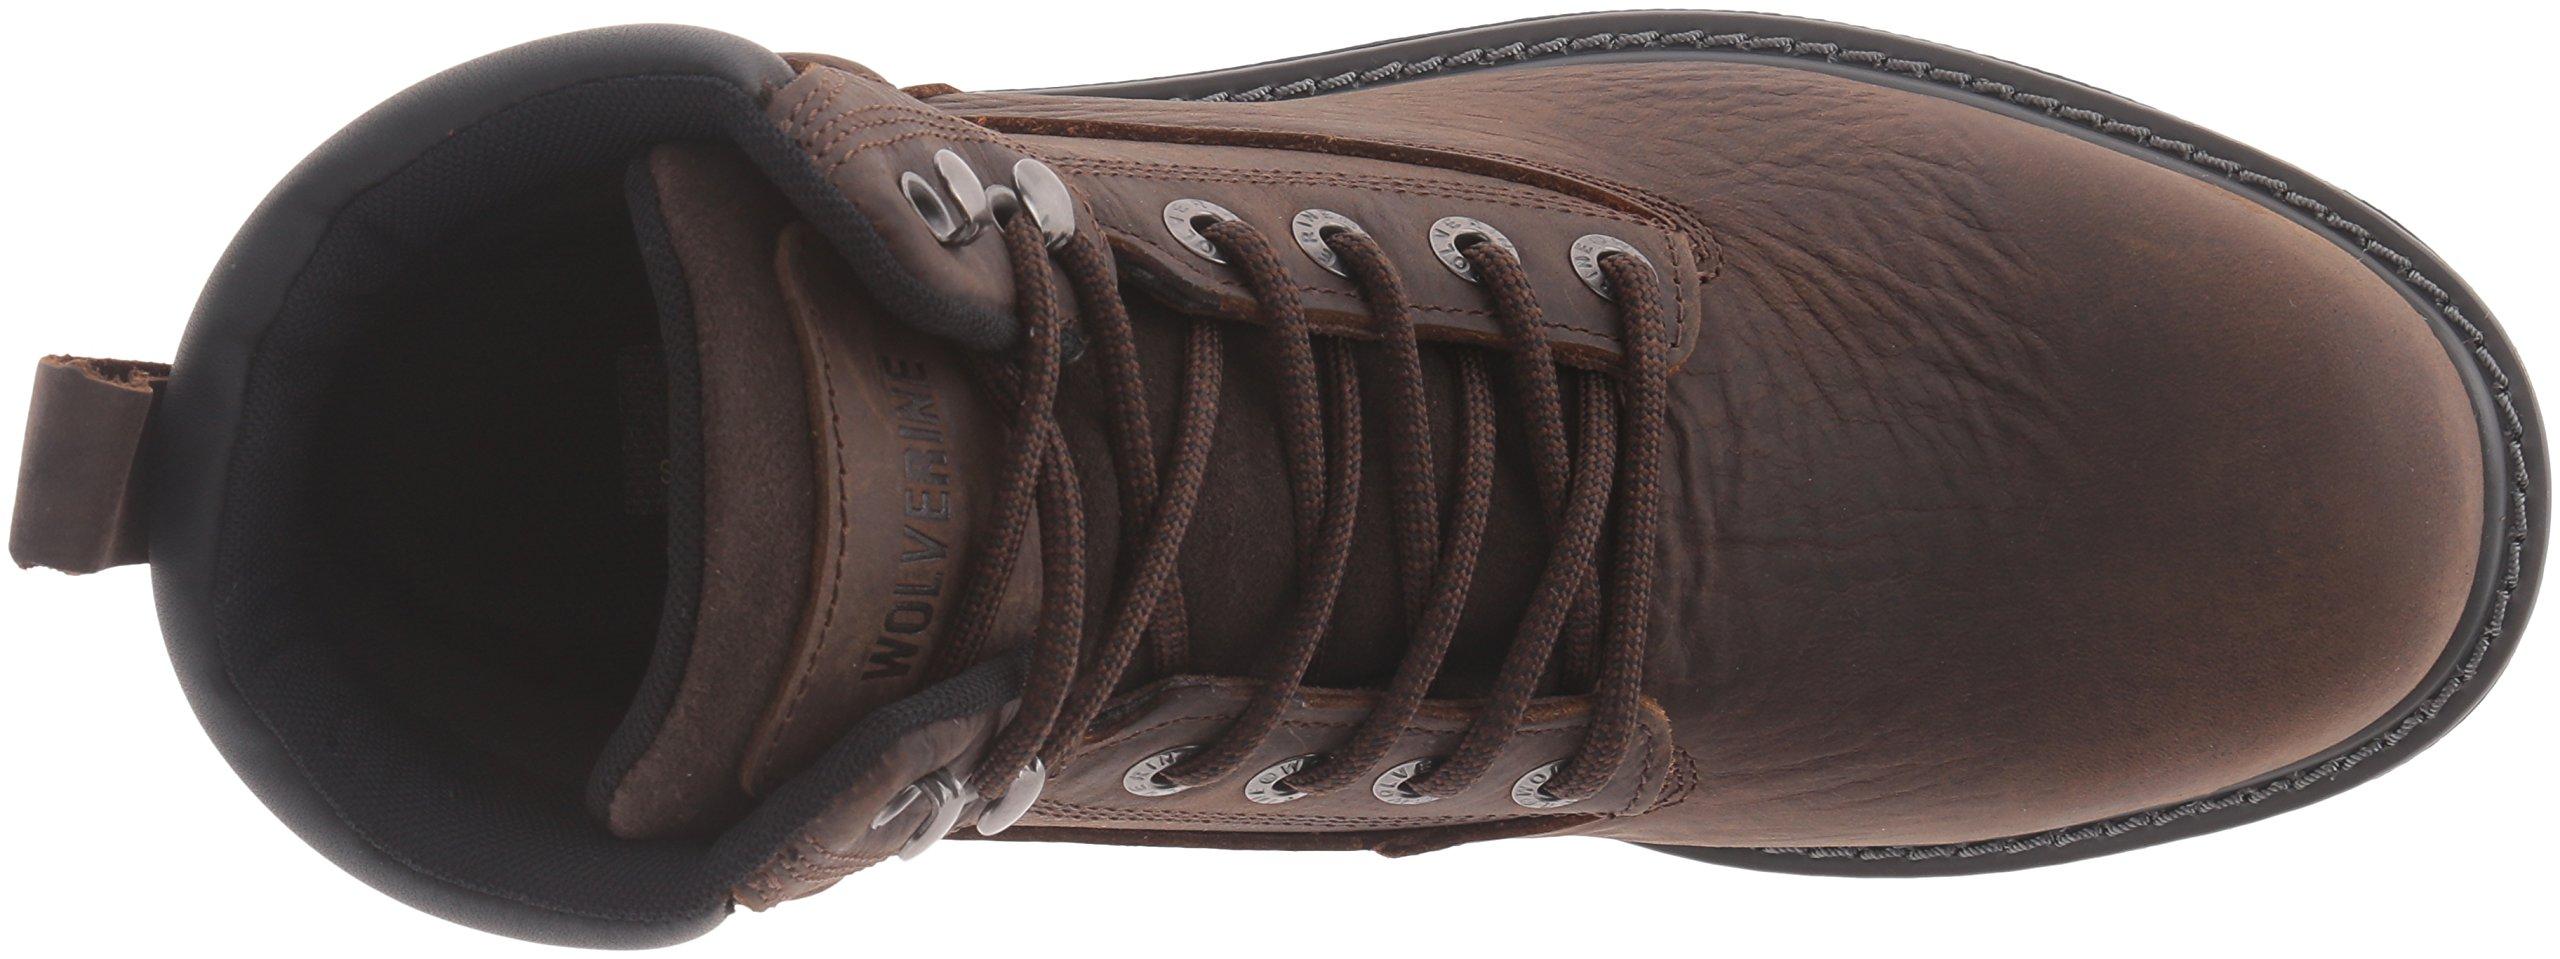 Wolverine Men's Floorhand 6 Inch Waterproof Steel Toe Work Shoe, Dark Brown, 9.5 M US by Wolverine (Image #8)